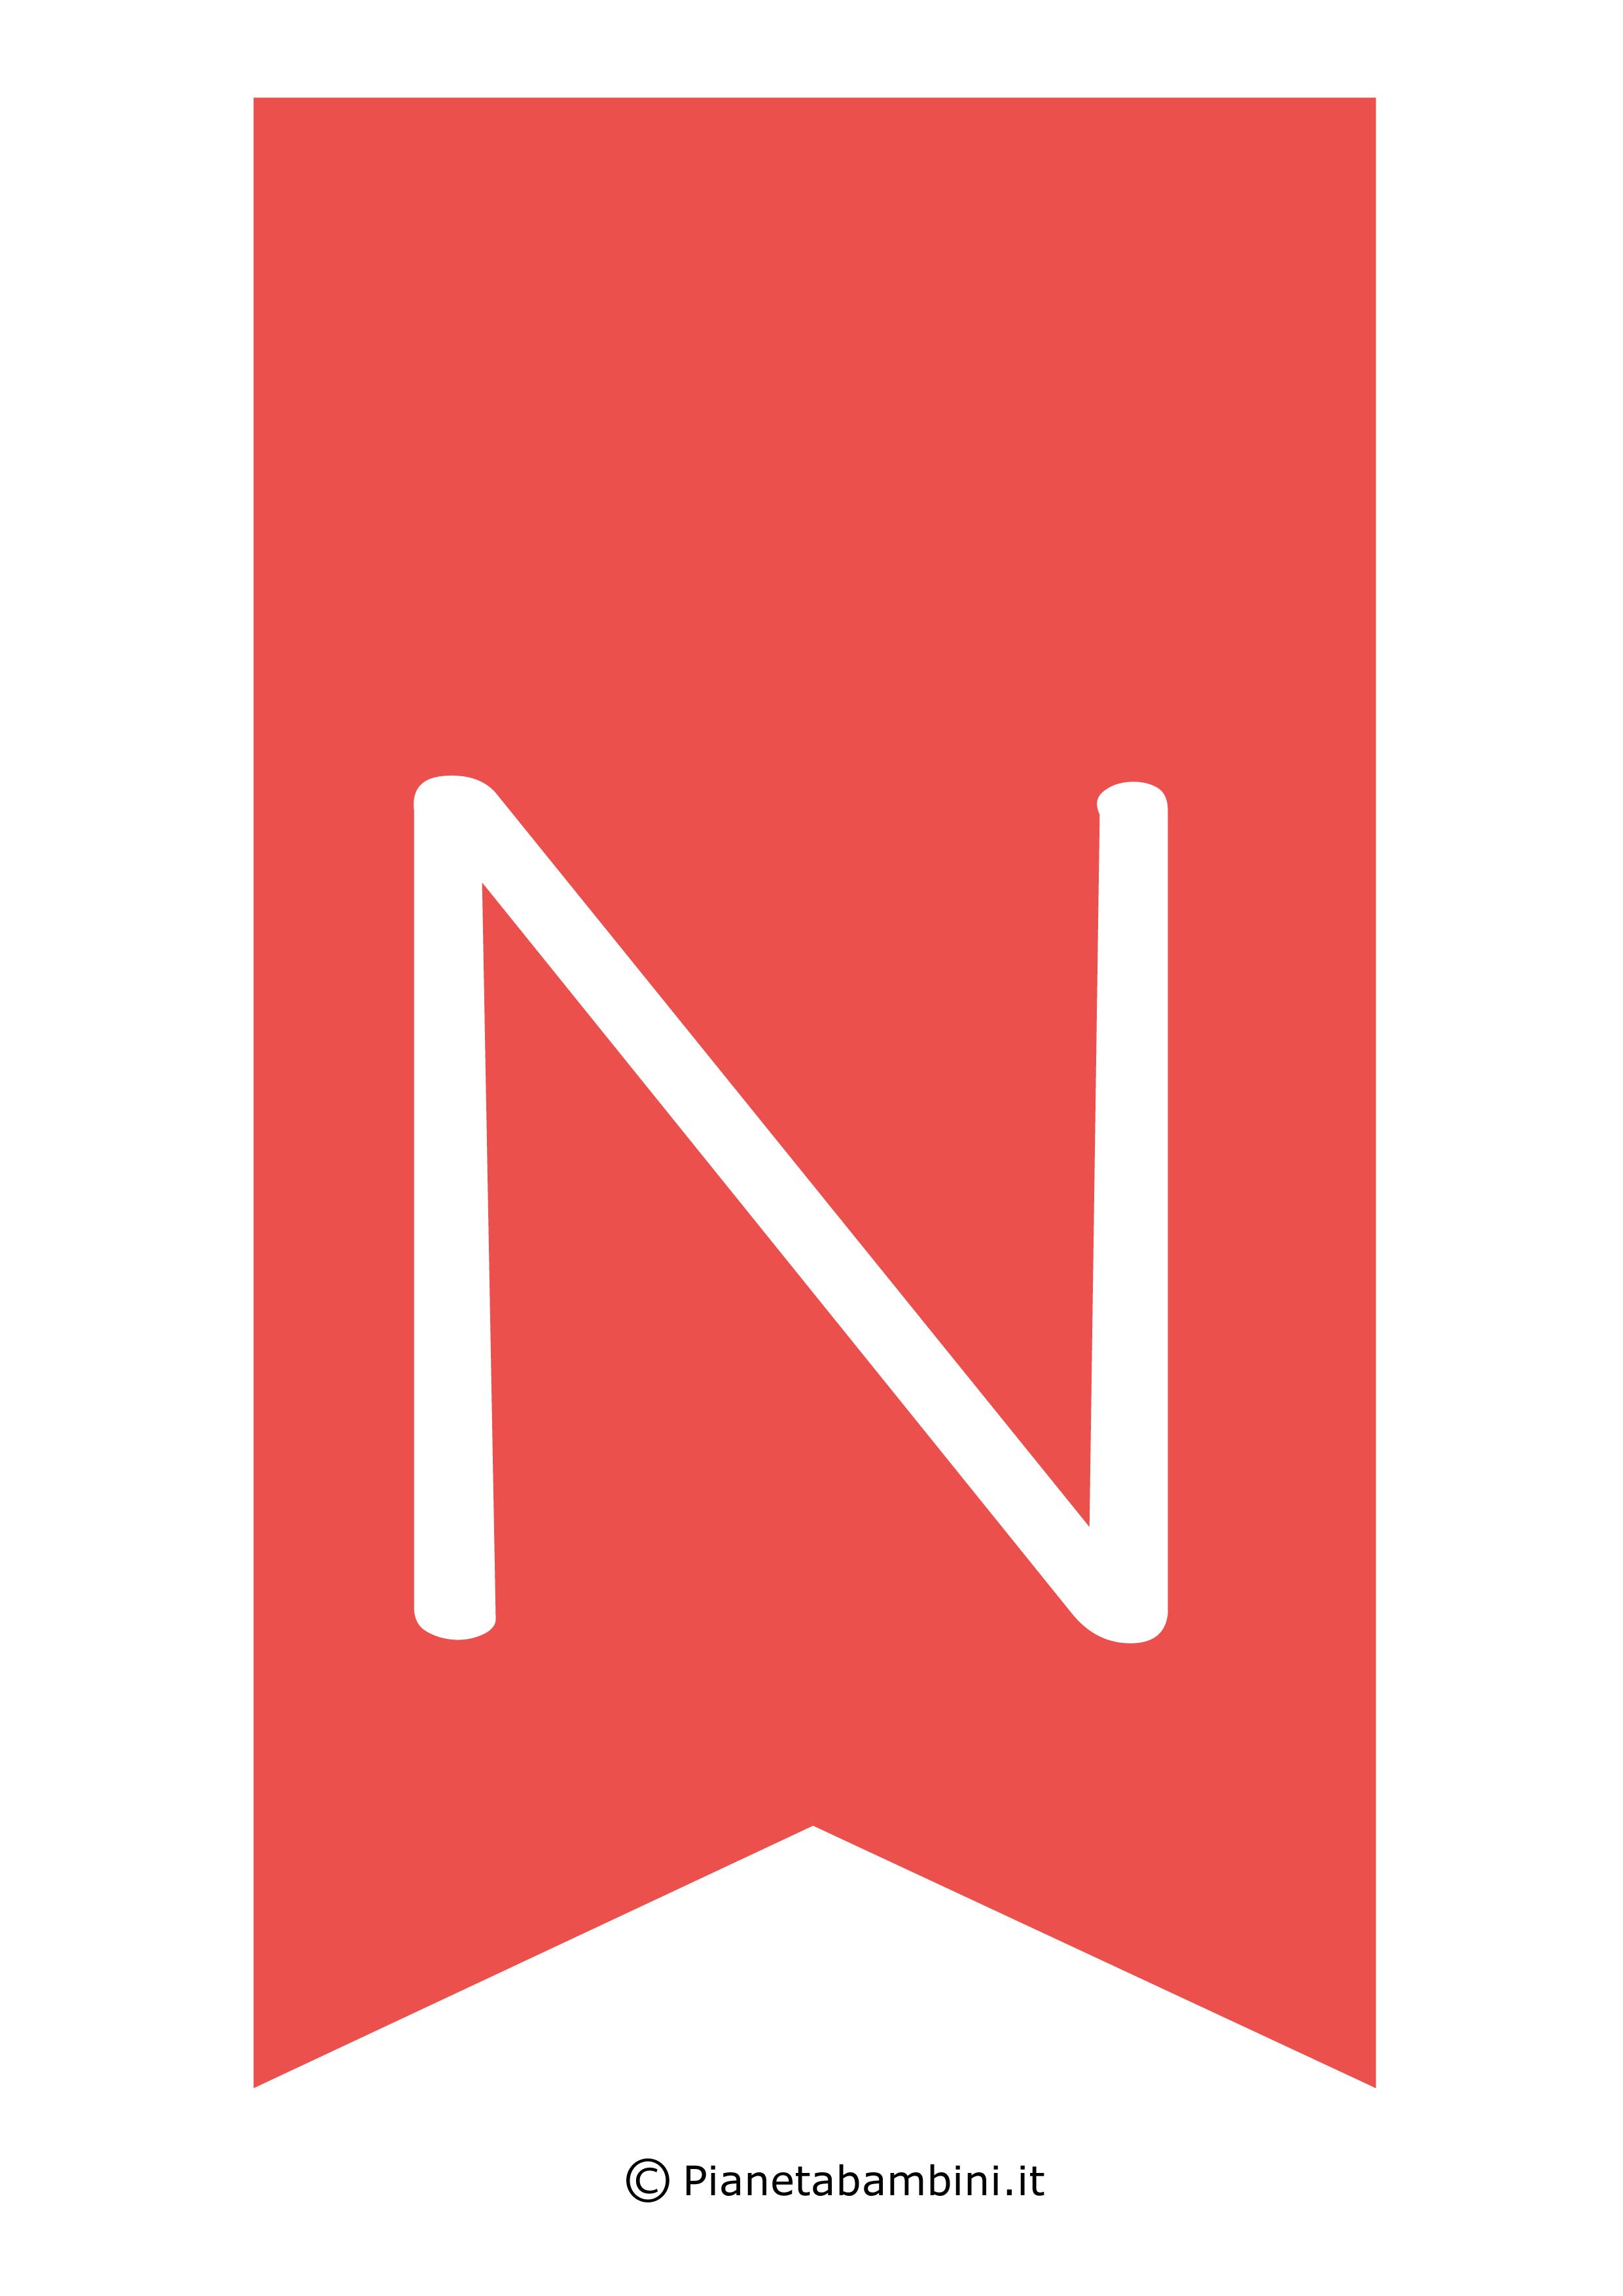 Bandiera_N_3